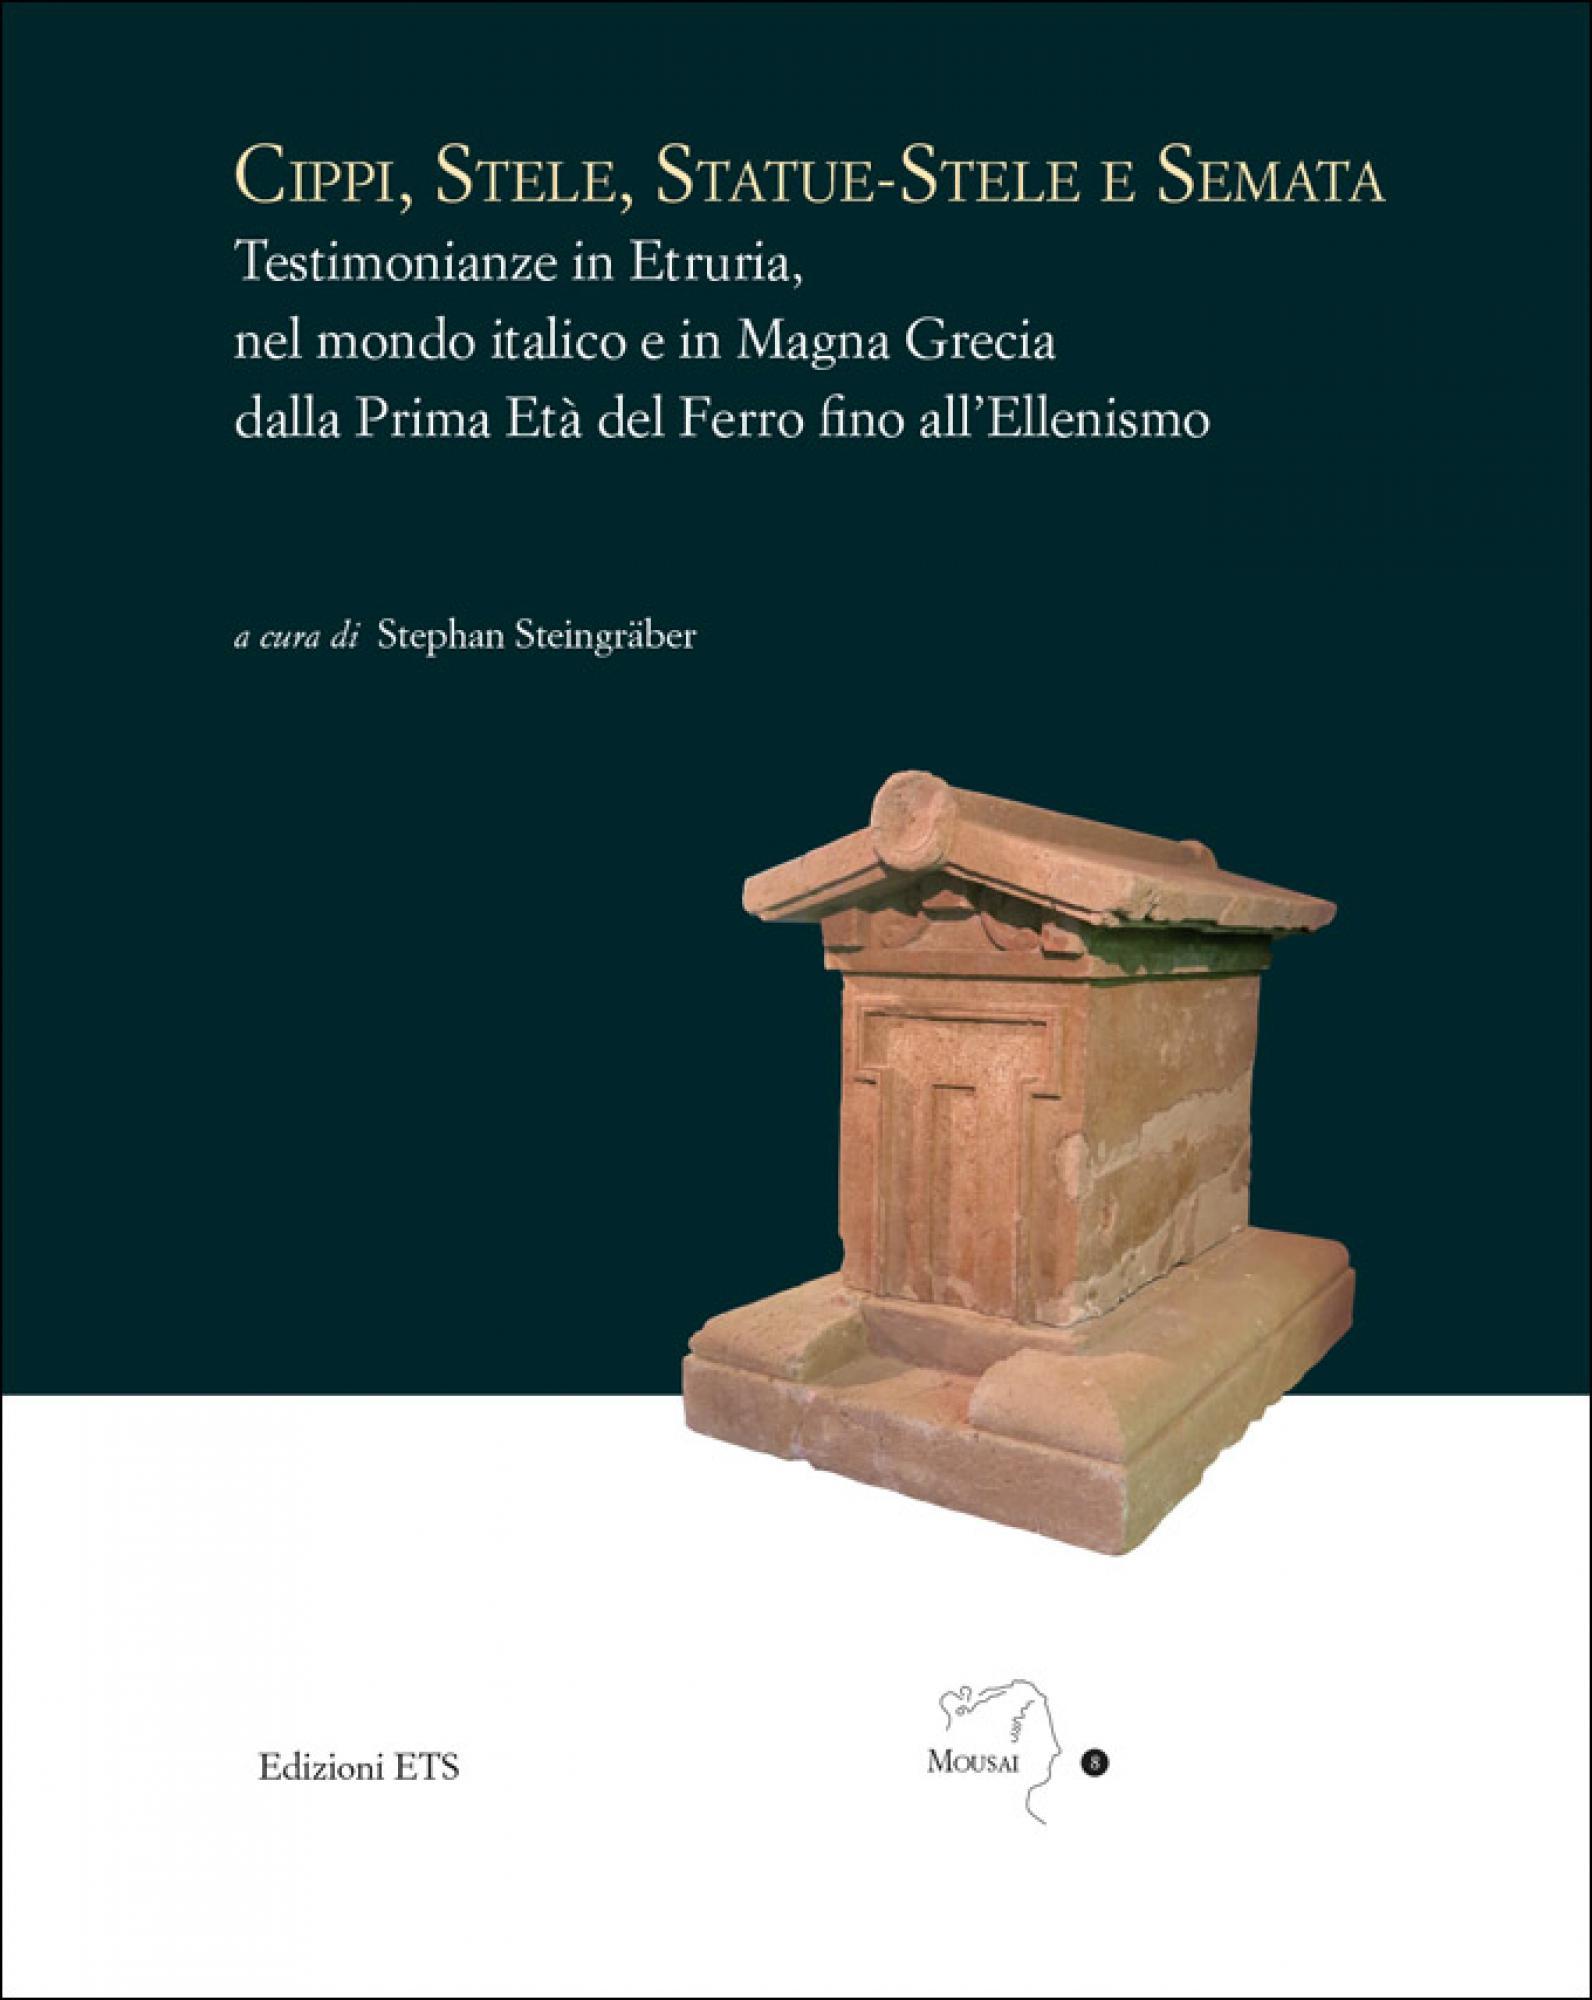 Cippi, Stele, Statue-Stele e Semata.Testimonianze in Etruria, nel mondo italico e in Magna Grecia dalla prima Età del Ferro fino all'Ellenismo